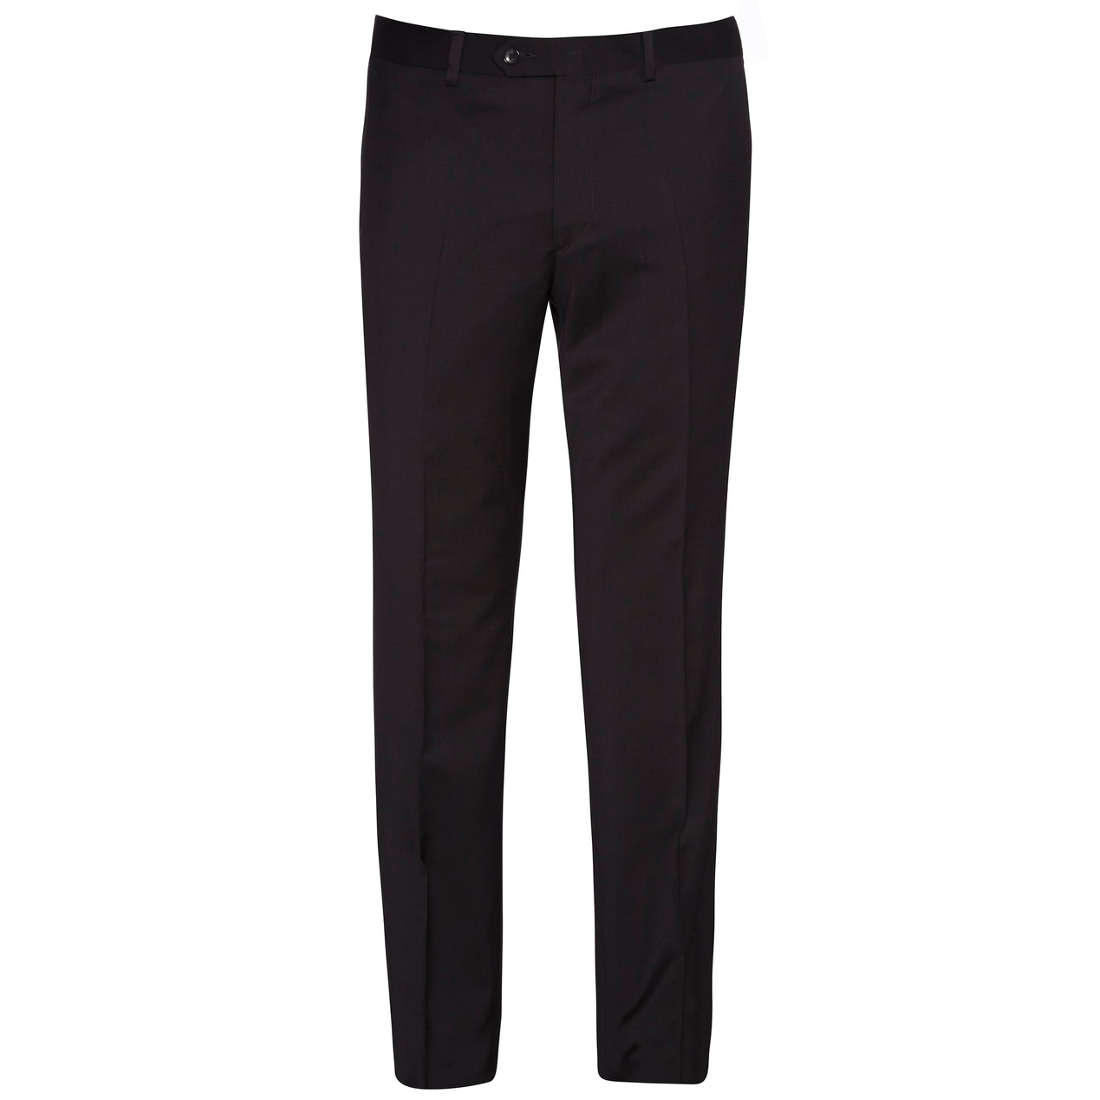 Image of Van Gils broek W05981 in het Zwart